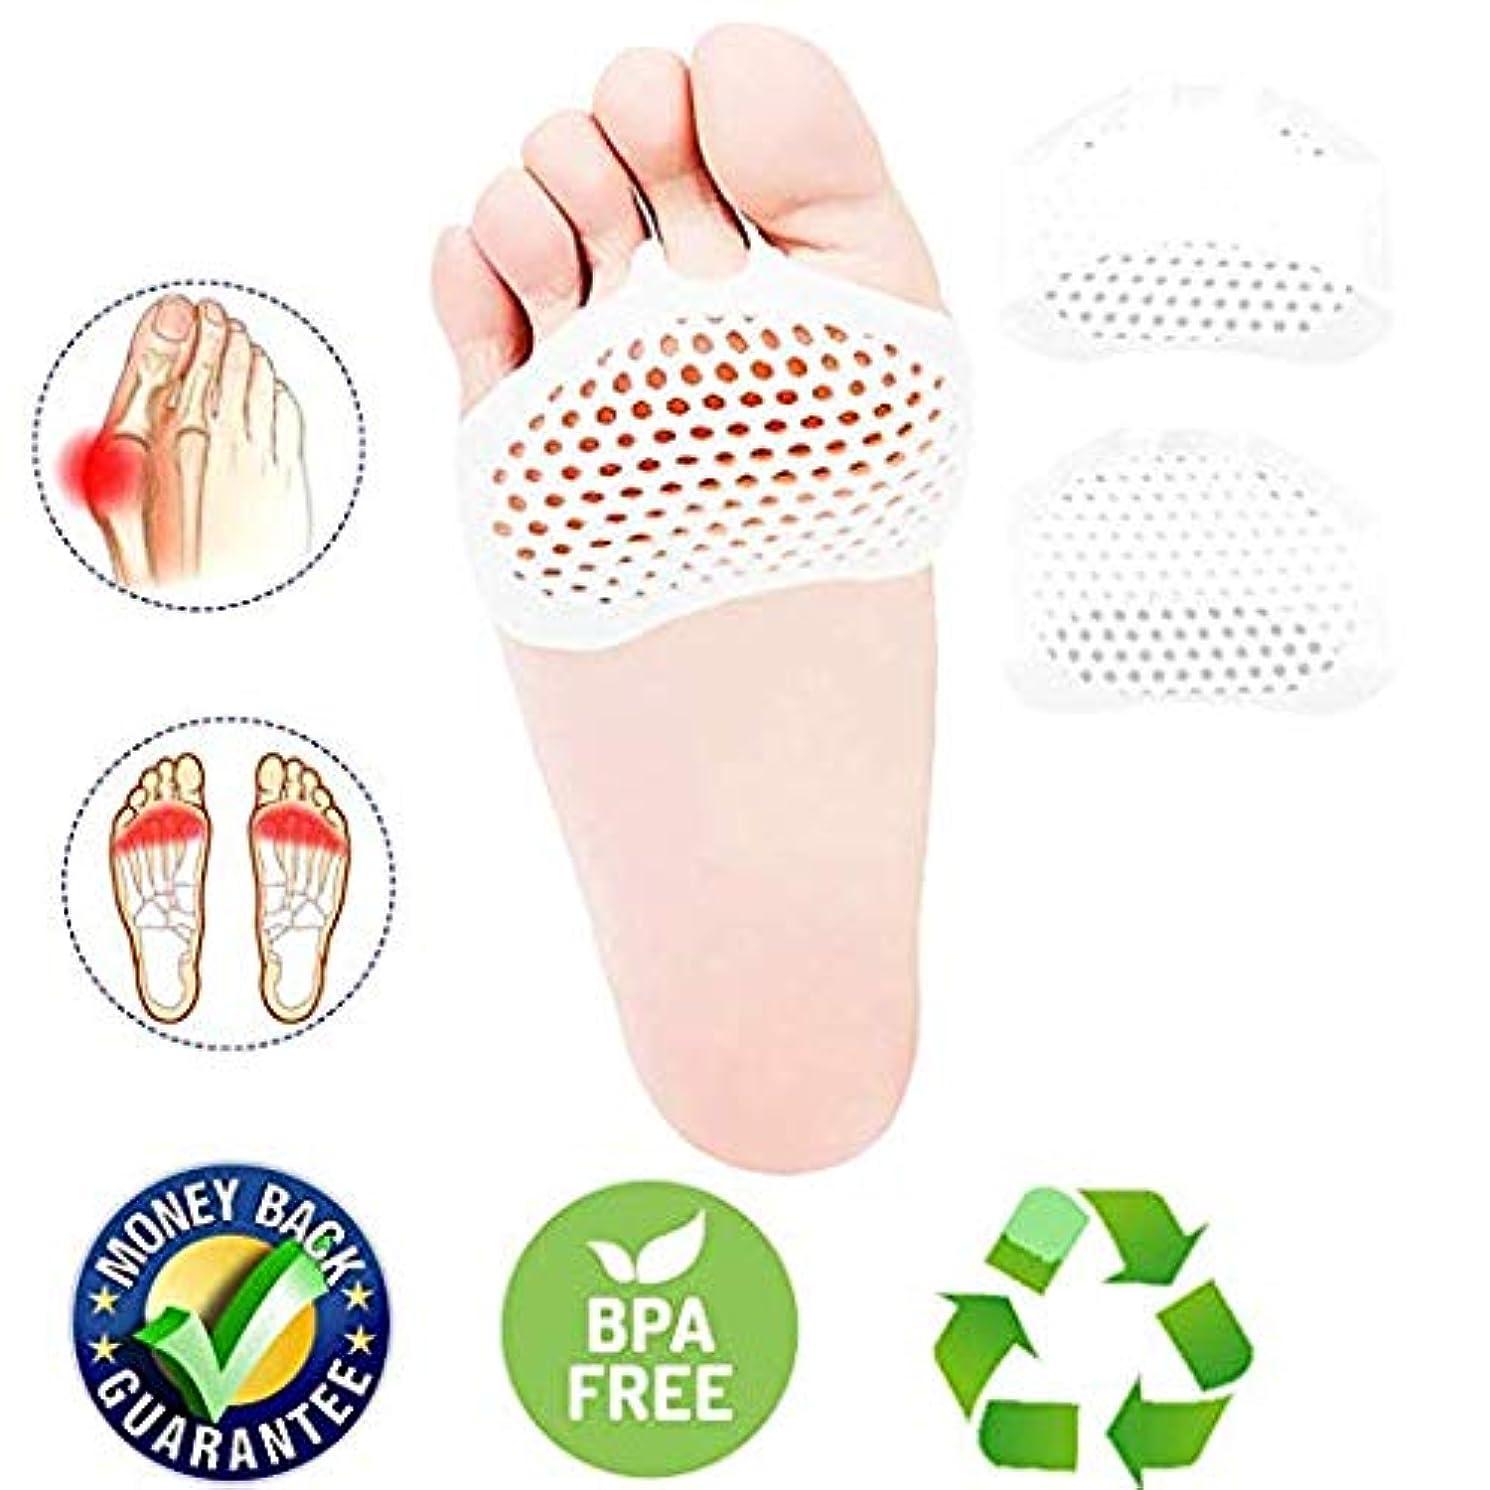 トラブル凝視定義する中足骨パッドフットクッションのボール、つま先セパレーター、つま先セパレーターストレッチャー、ゲルゴムシリコーンsesamoiditisパッド、通気性のある足の痛みを緩和するクッションハンマーまっすぐな腱膜炎の痛みの足